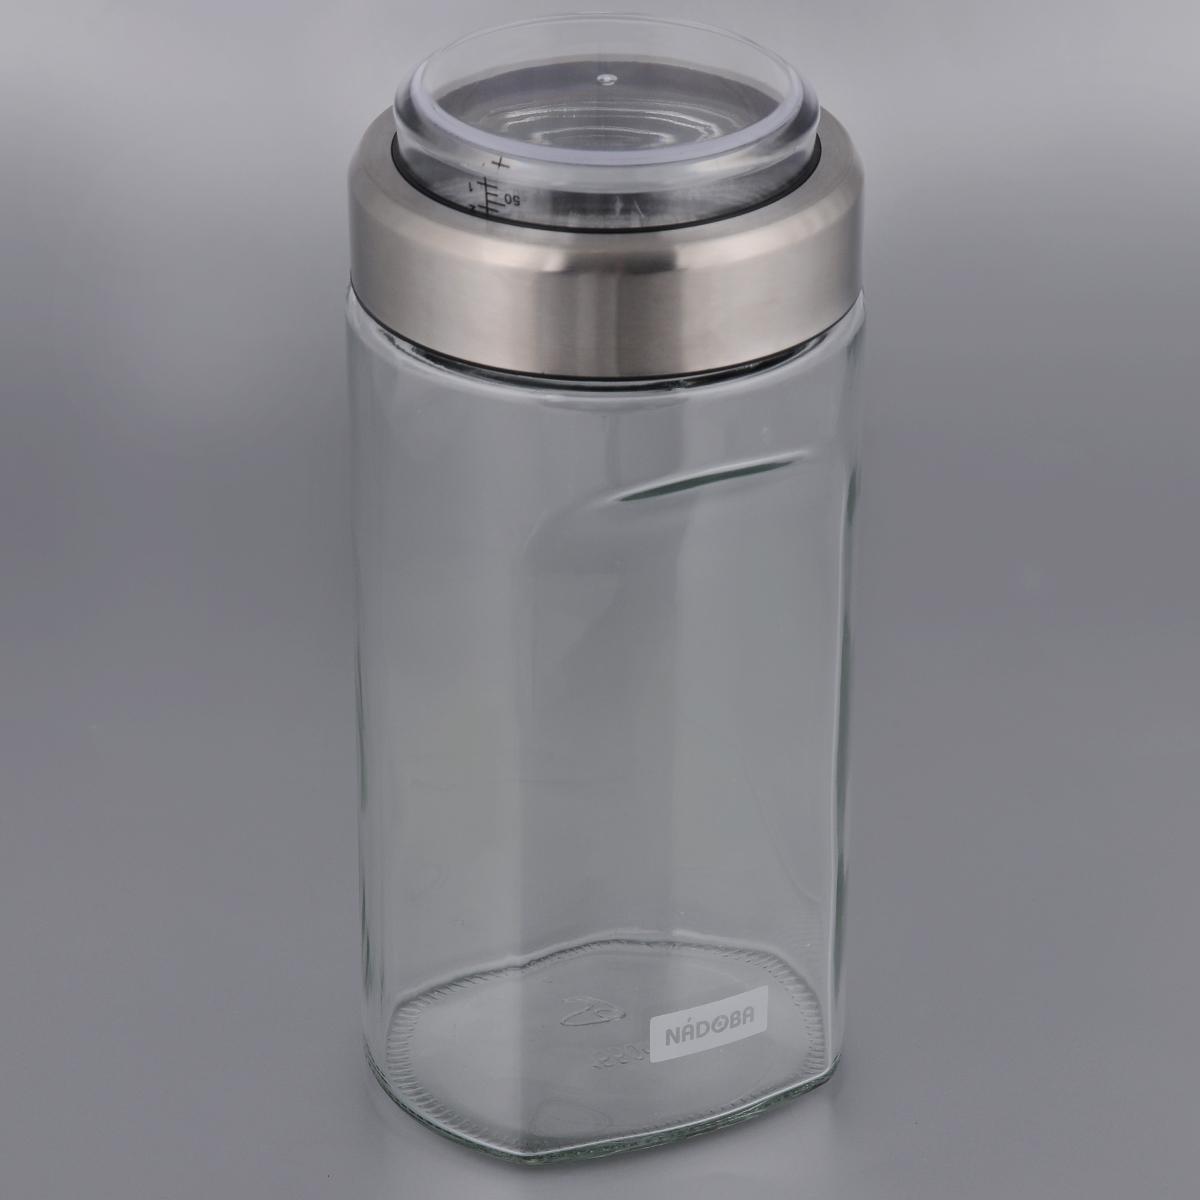 Емкость для сыпучих продуктов Nadoba Petra, с мерным стаканом, 1,55 л емкость для сыпучих продуктов с мерным стаканом nadoba otina